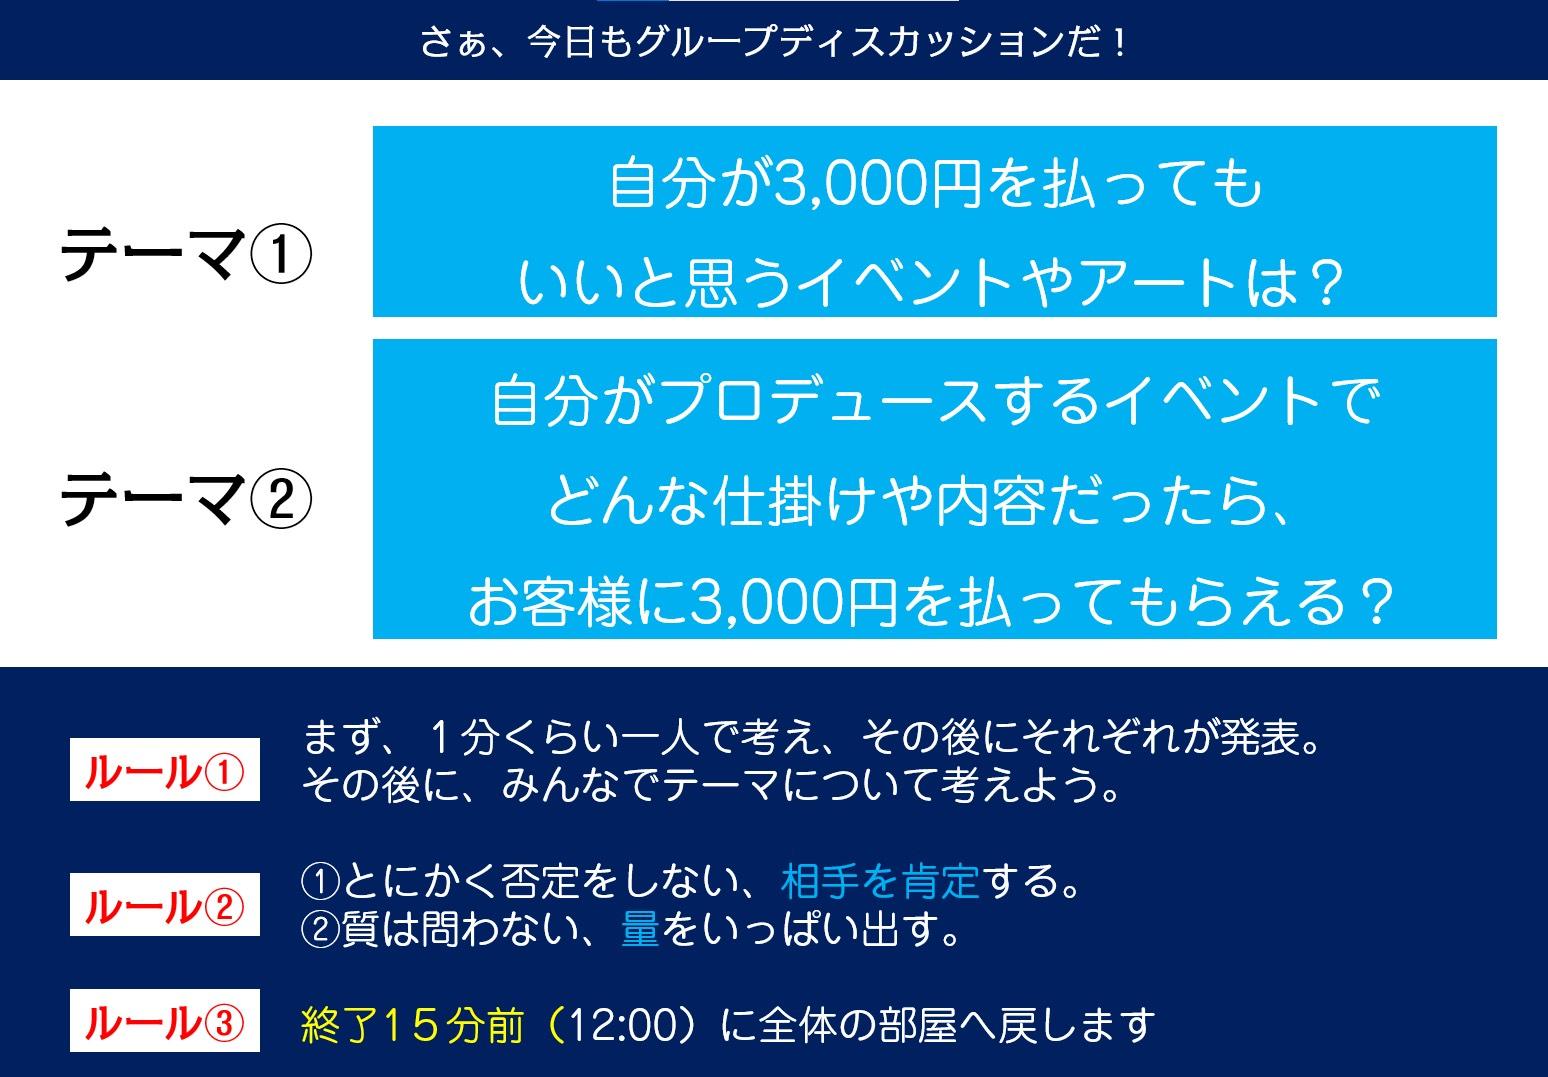 近畿大学文芸学部でのオンライン講義